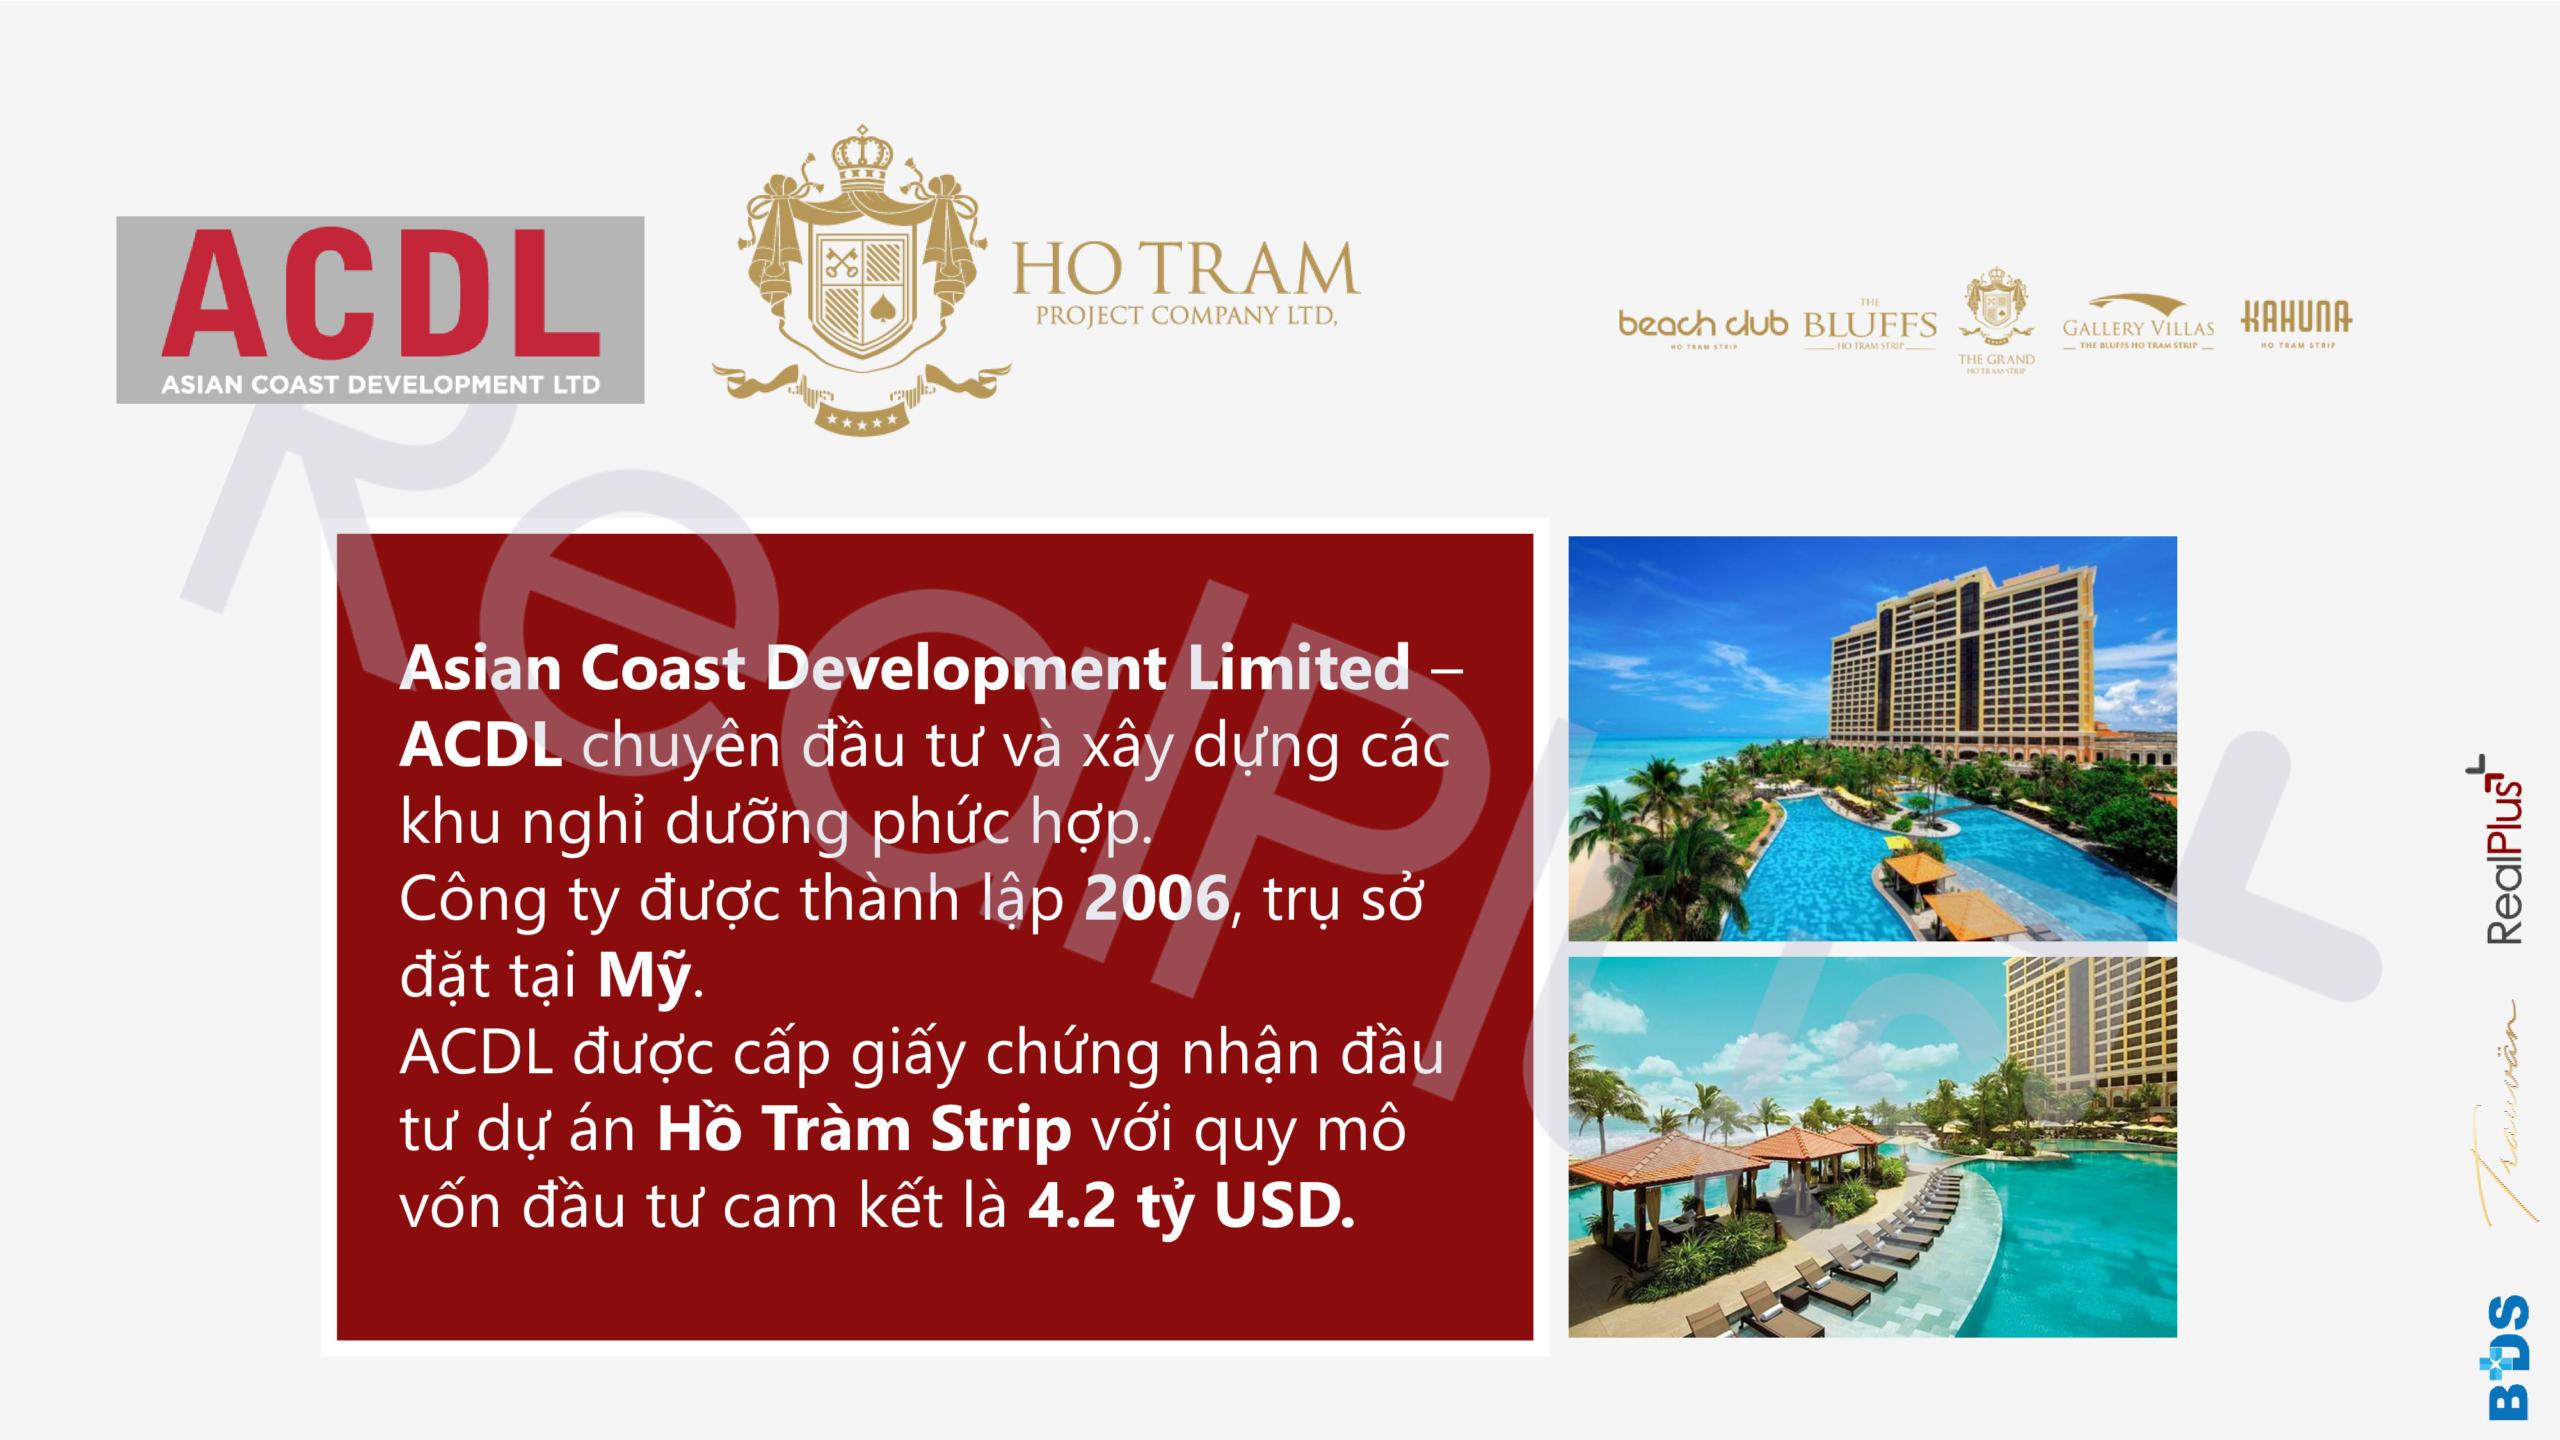 Chủ đầu tư dự án chung cư Ixora Hồ Tràm By Fusion Xuyên Mộc Đường Phước Thuận & Bông Trang chủ đầu tư ACDL